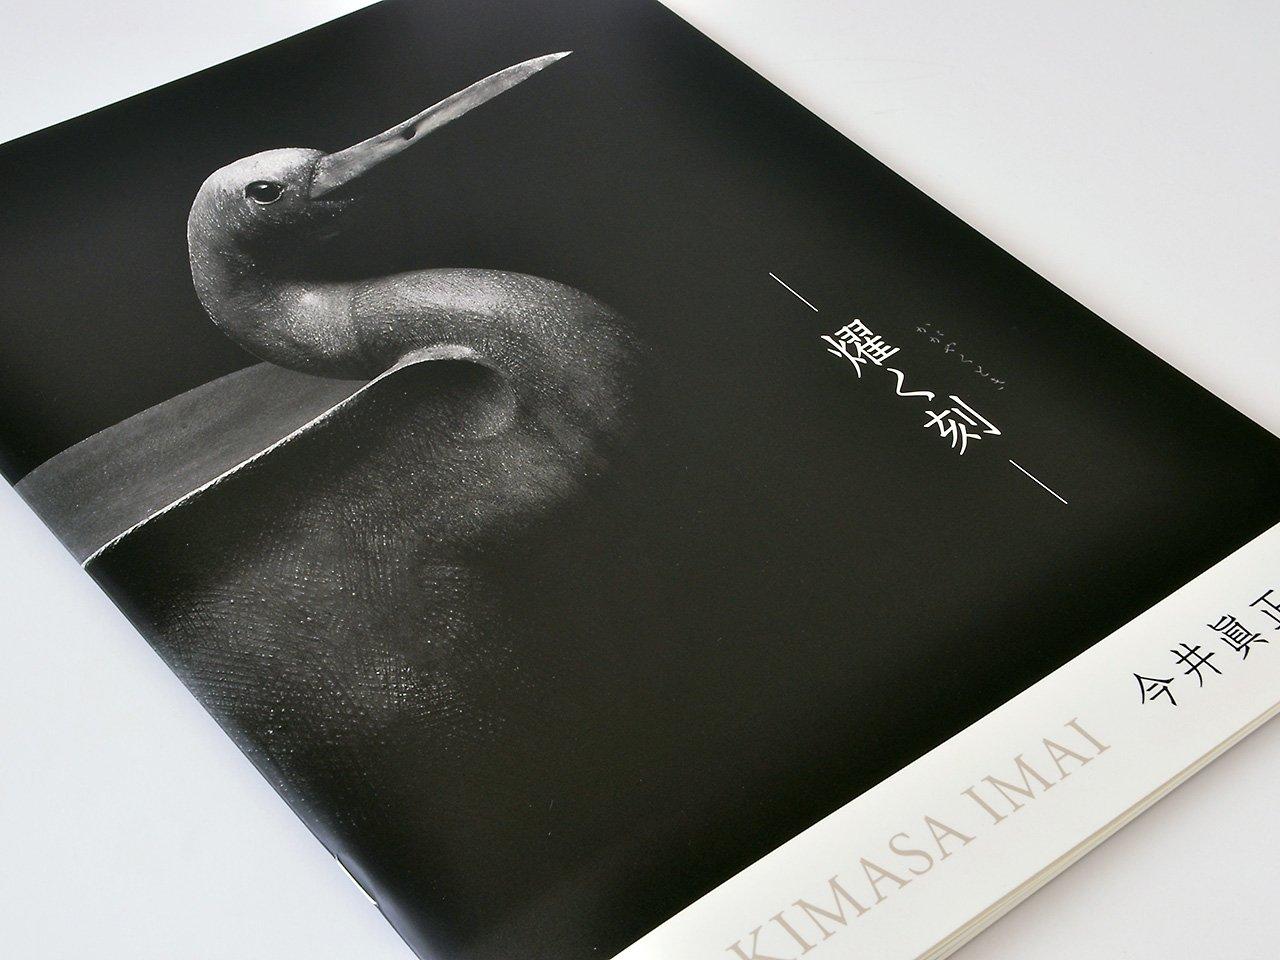 2016年 ー耀(かがや)く刻ー 今井眞正展  図録 イメージ